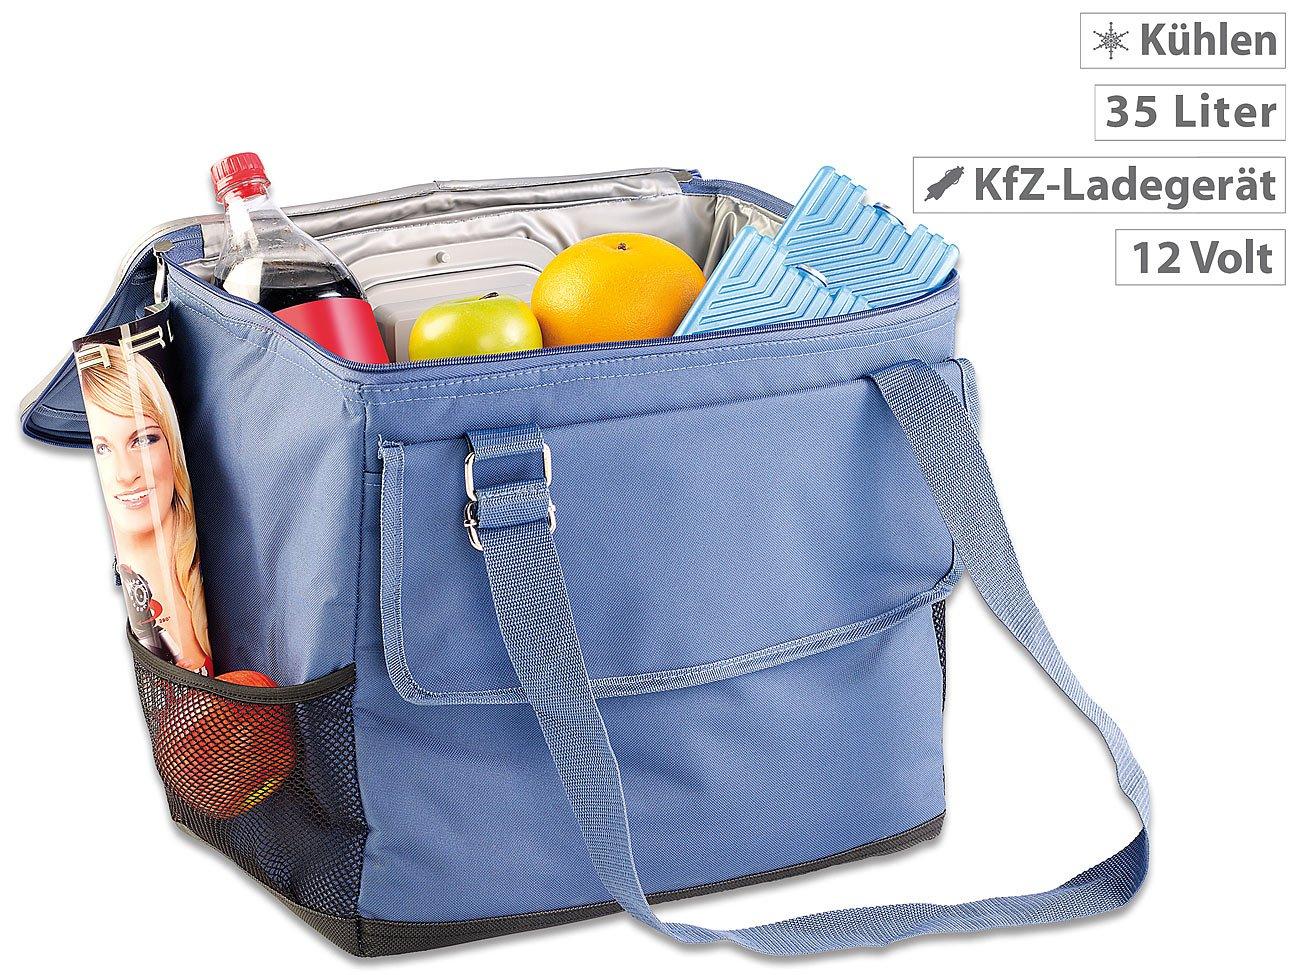 Xcase Mini Kühlschrank : Xcase autokühltasche: elektrische 12 v thermo kühltasche fürs auto